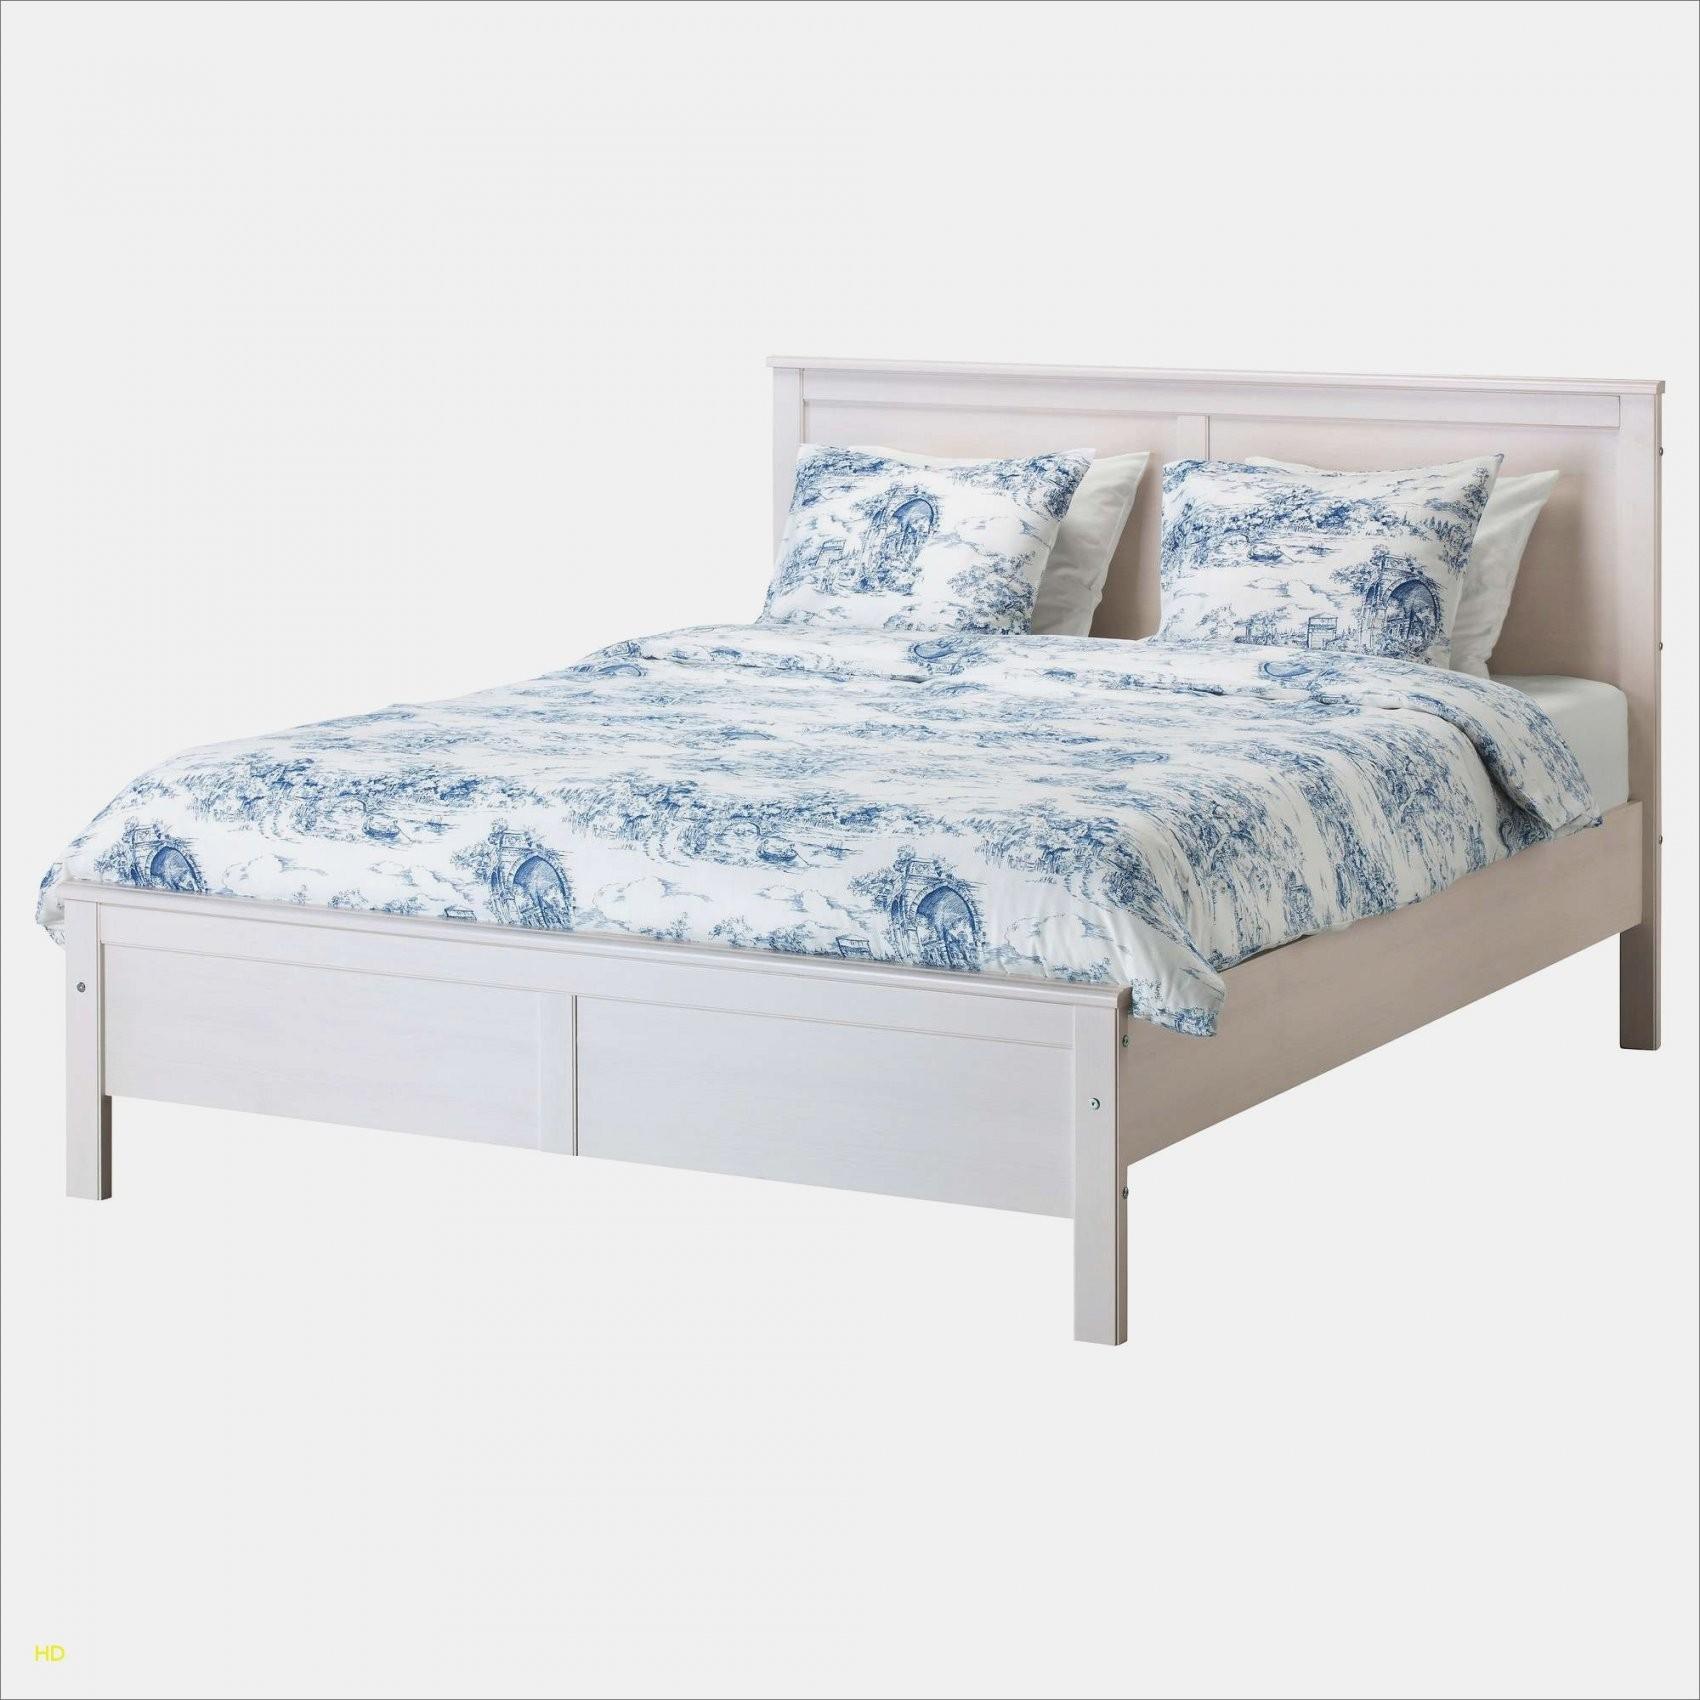 Ikea Doppelbetten Home Sweet At Betten 160×200  Rangelandnews von Ikea Betten 160X200 Weiss Bild